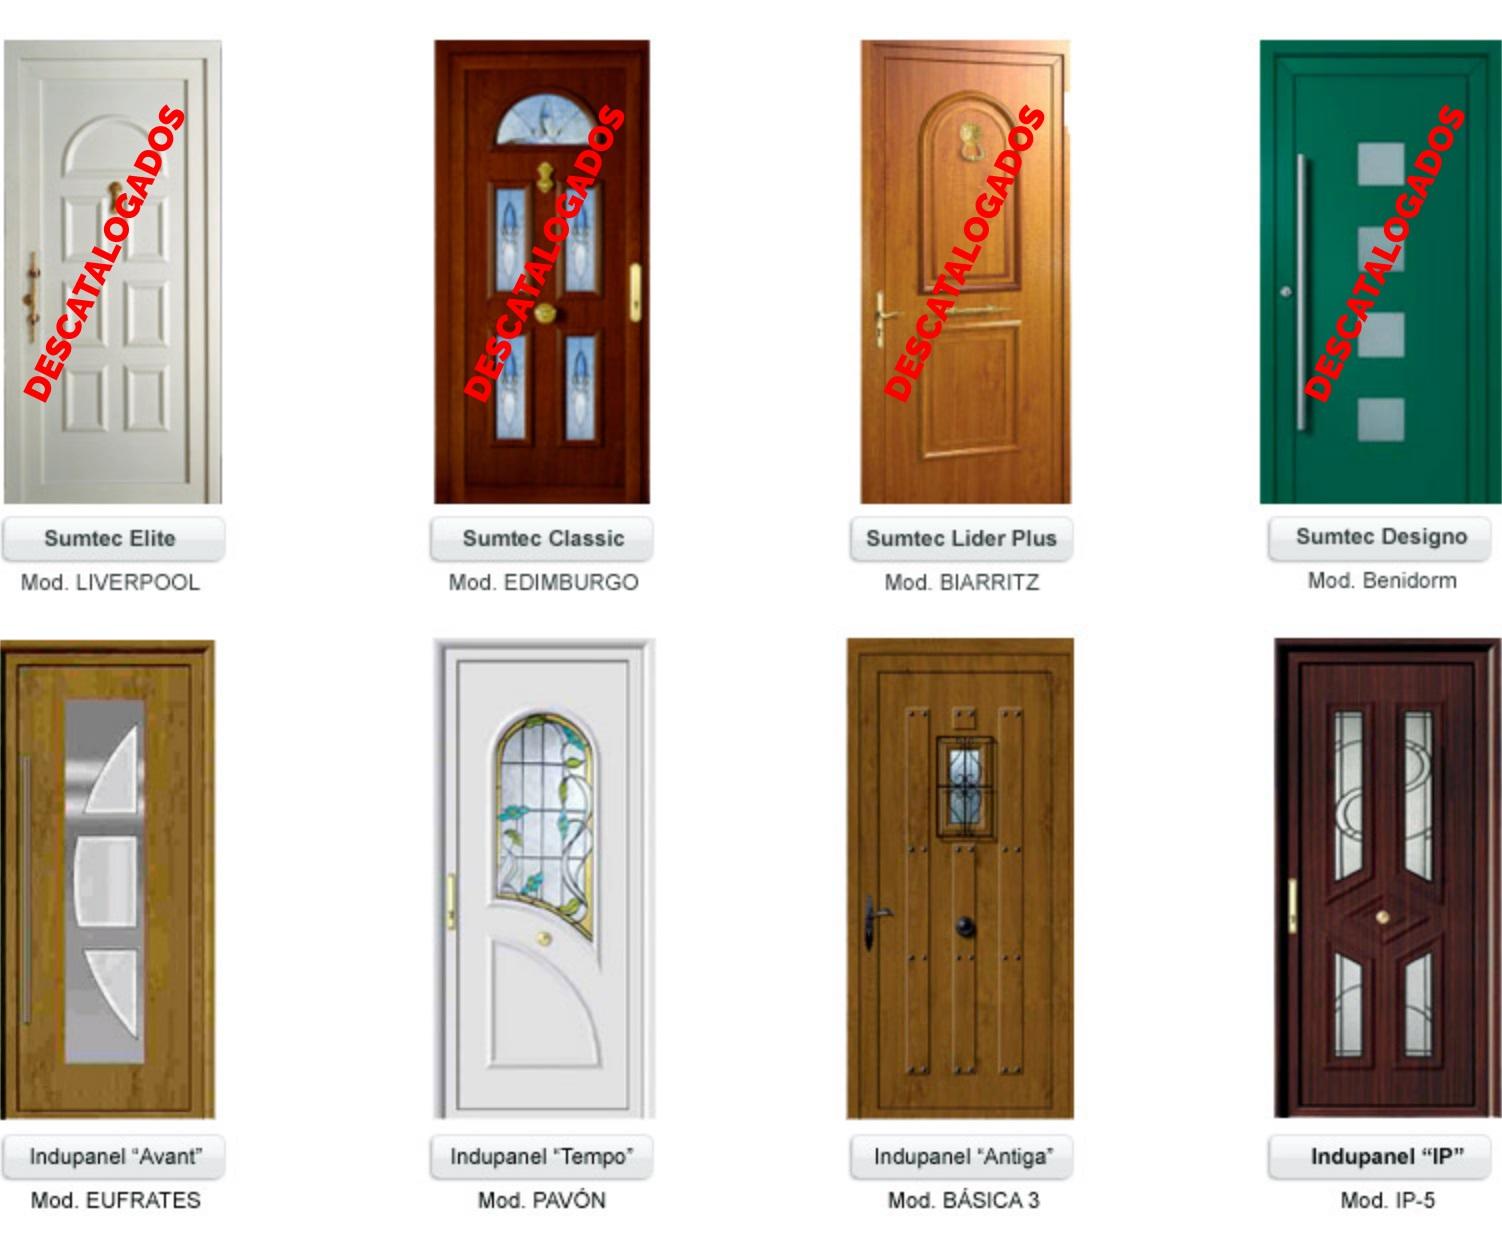 Modelos de puertas y ventanas tattoo design bild for Modelos de puertas